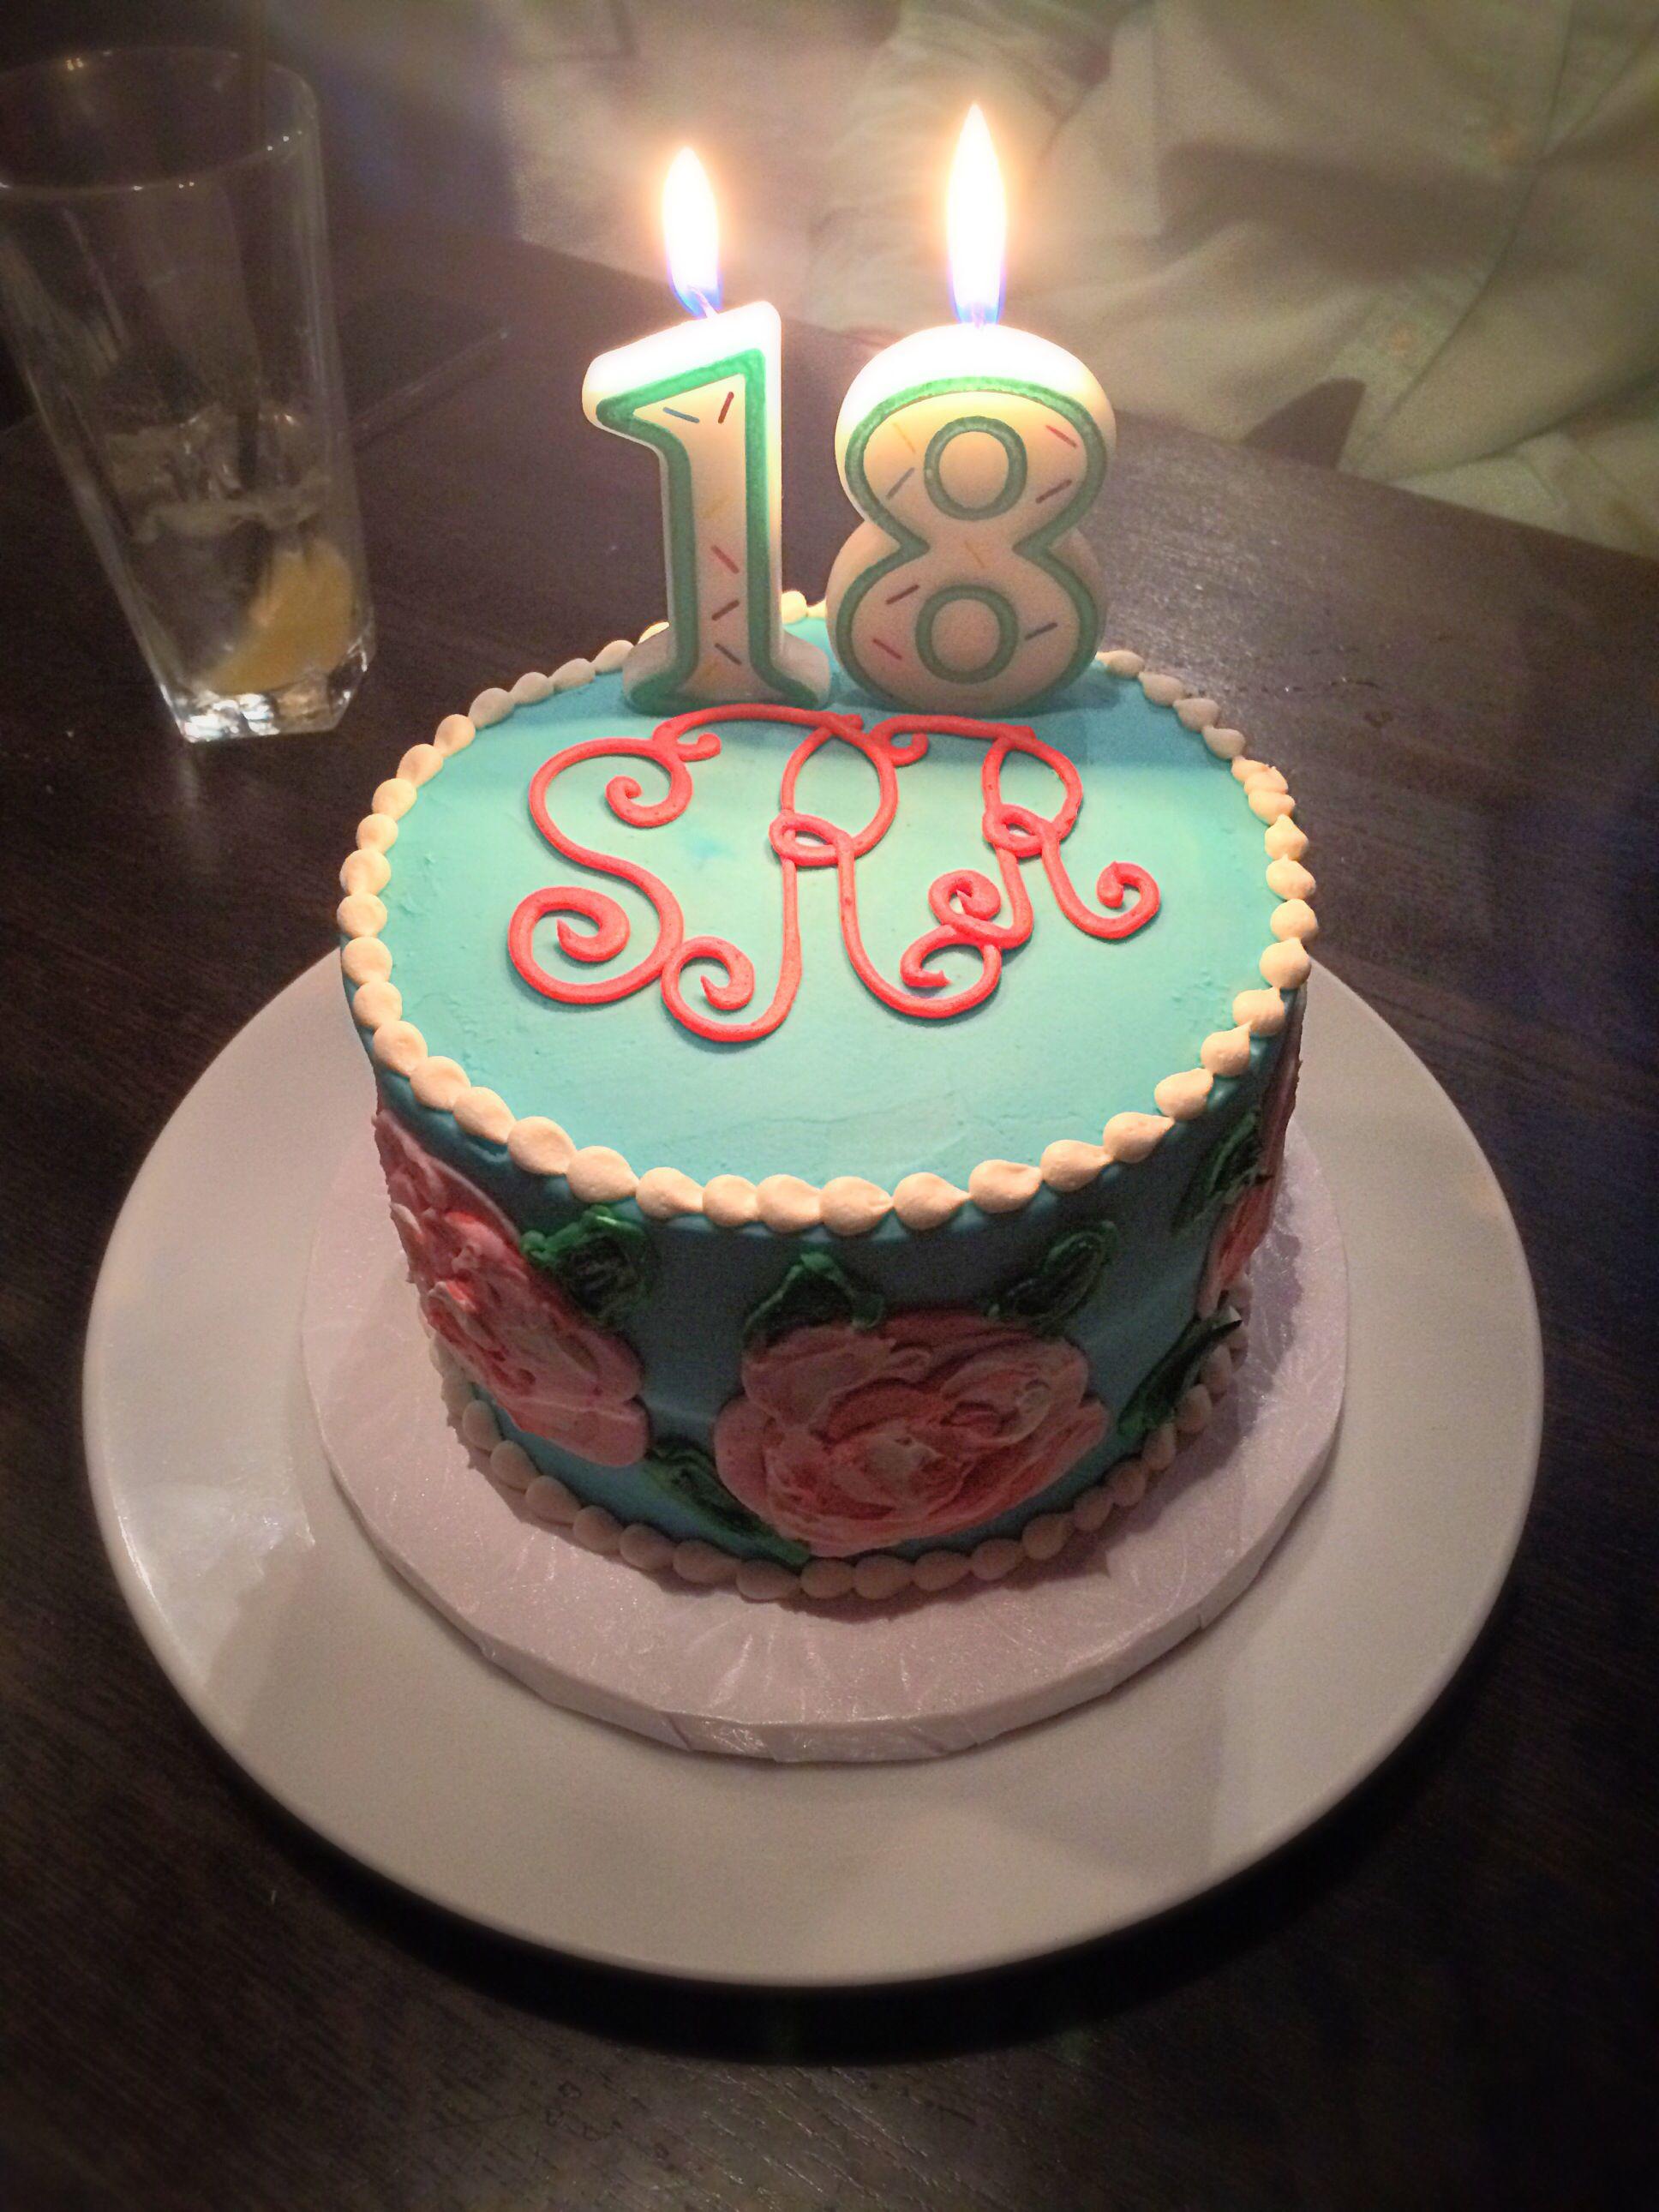 Pleasing Monogrammed Lilly Pulitzer Birthday Cake Twin Birthday Cakes Funny Birthday Cards Online Benoljebrpdamsfinfo